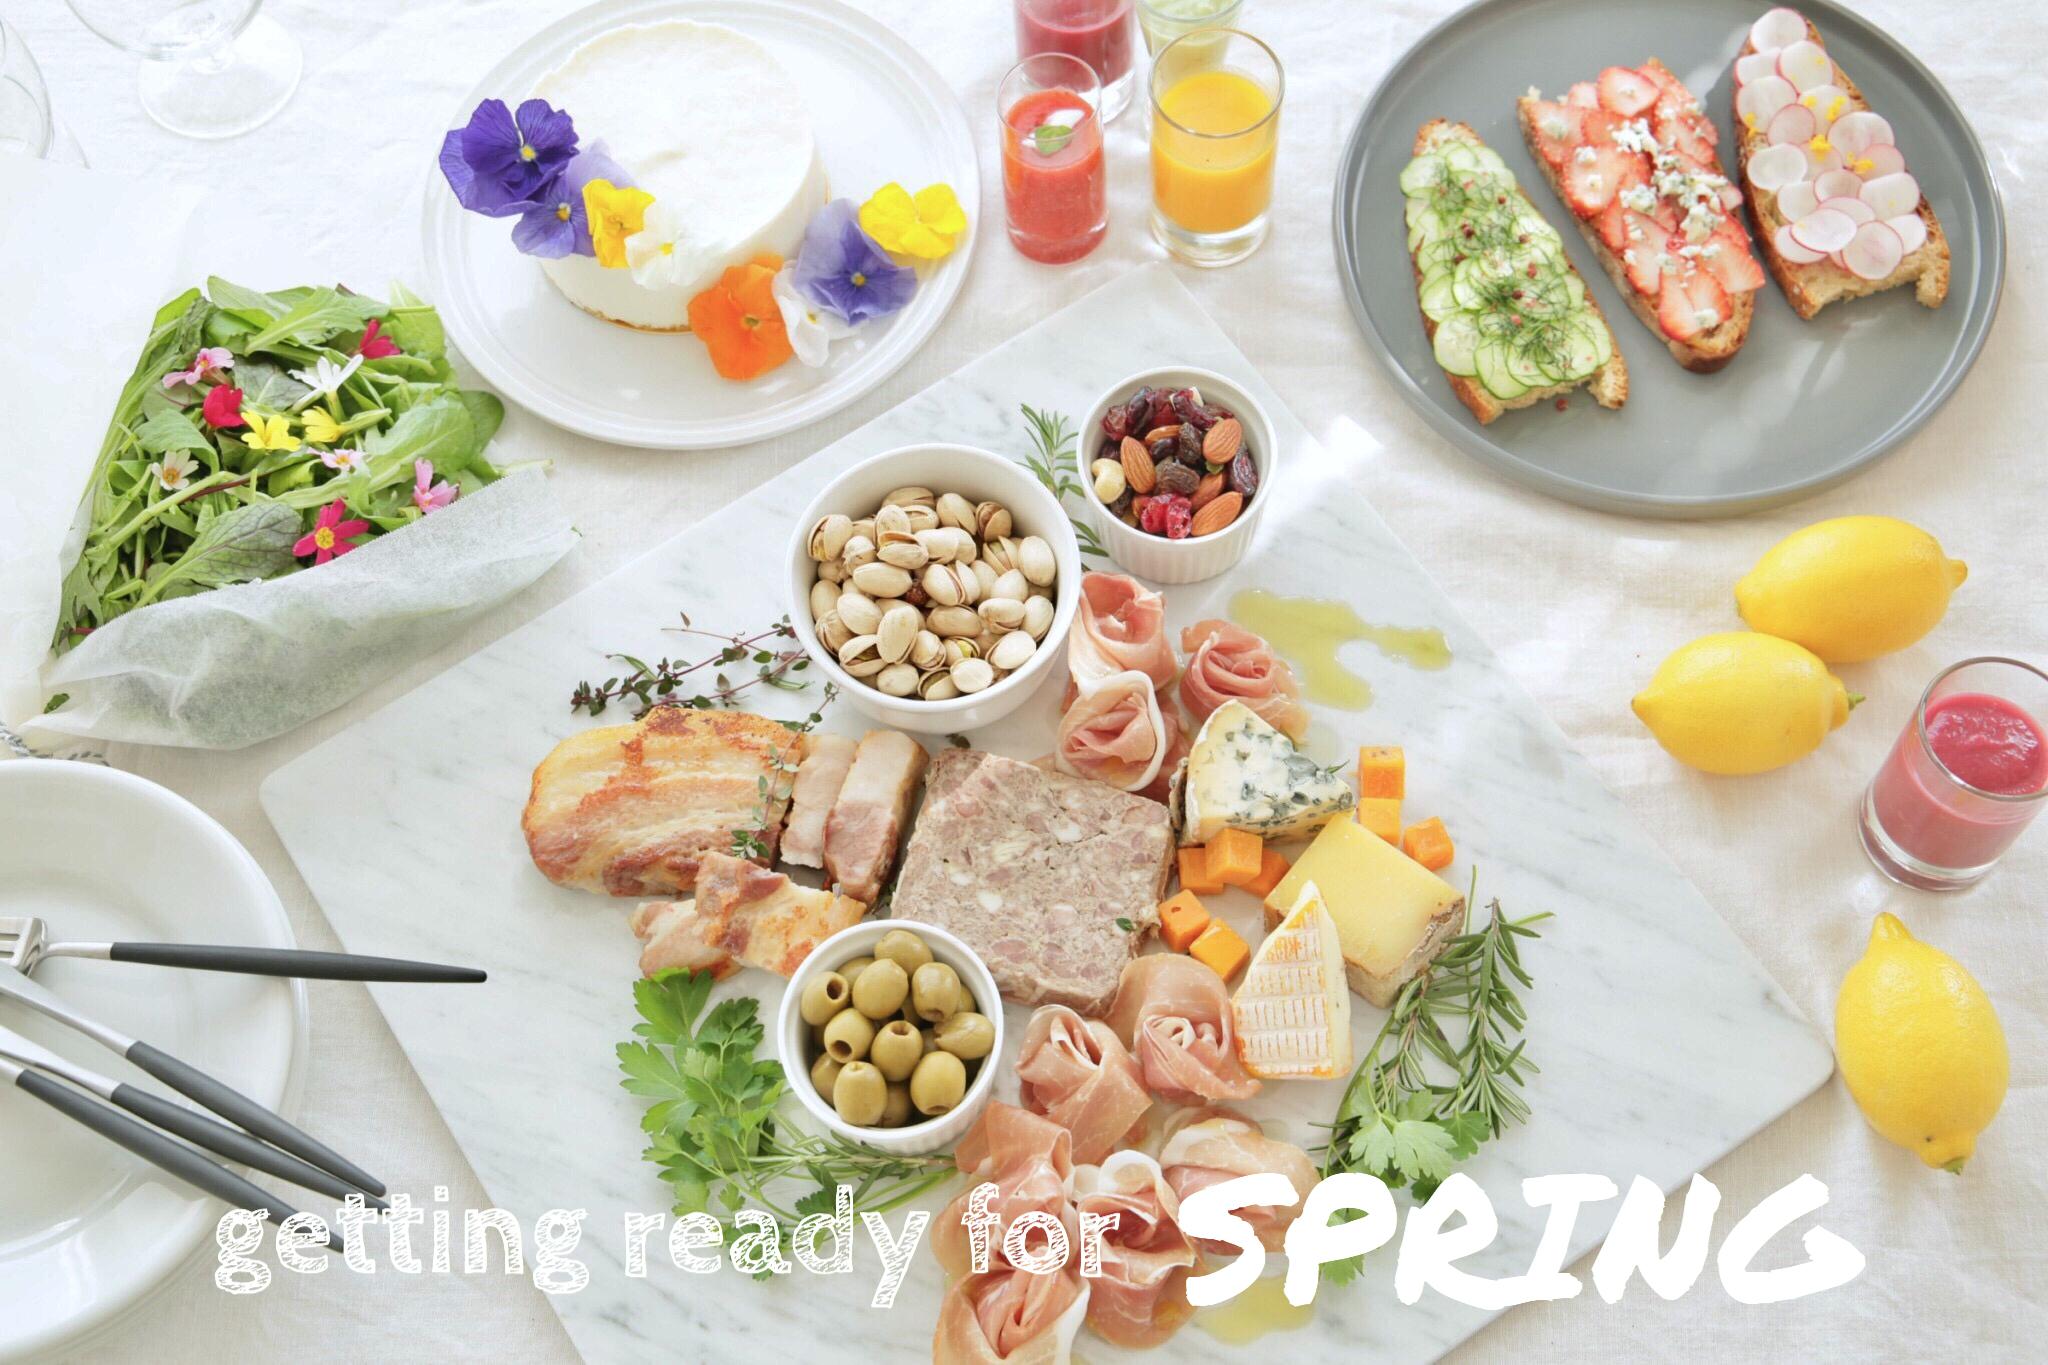 春本番!おしゃれでかわいいホームパーティー|getting ready for